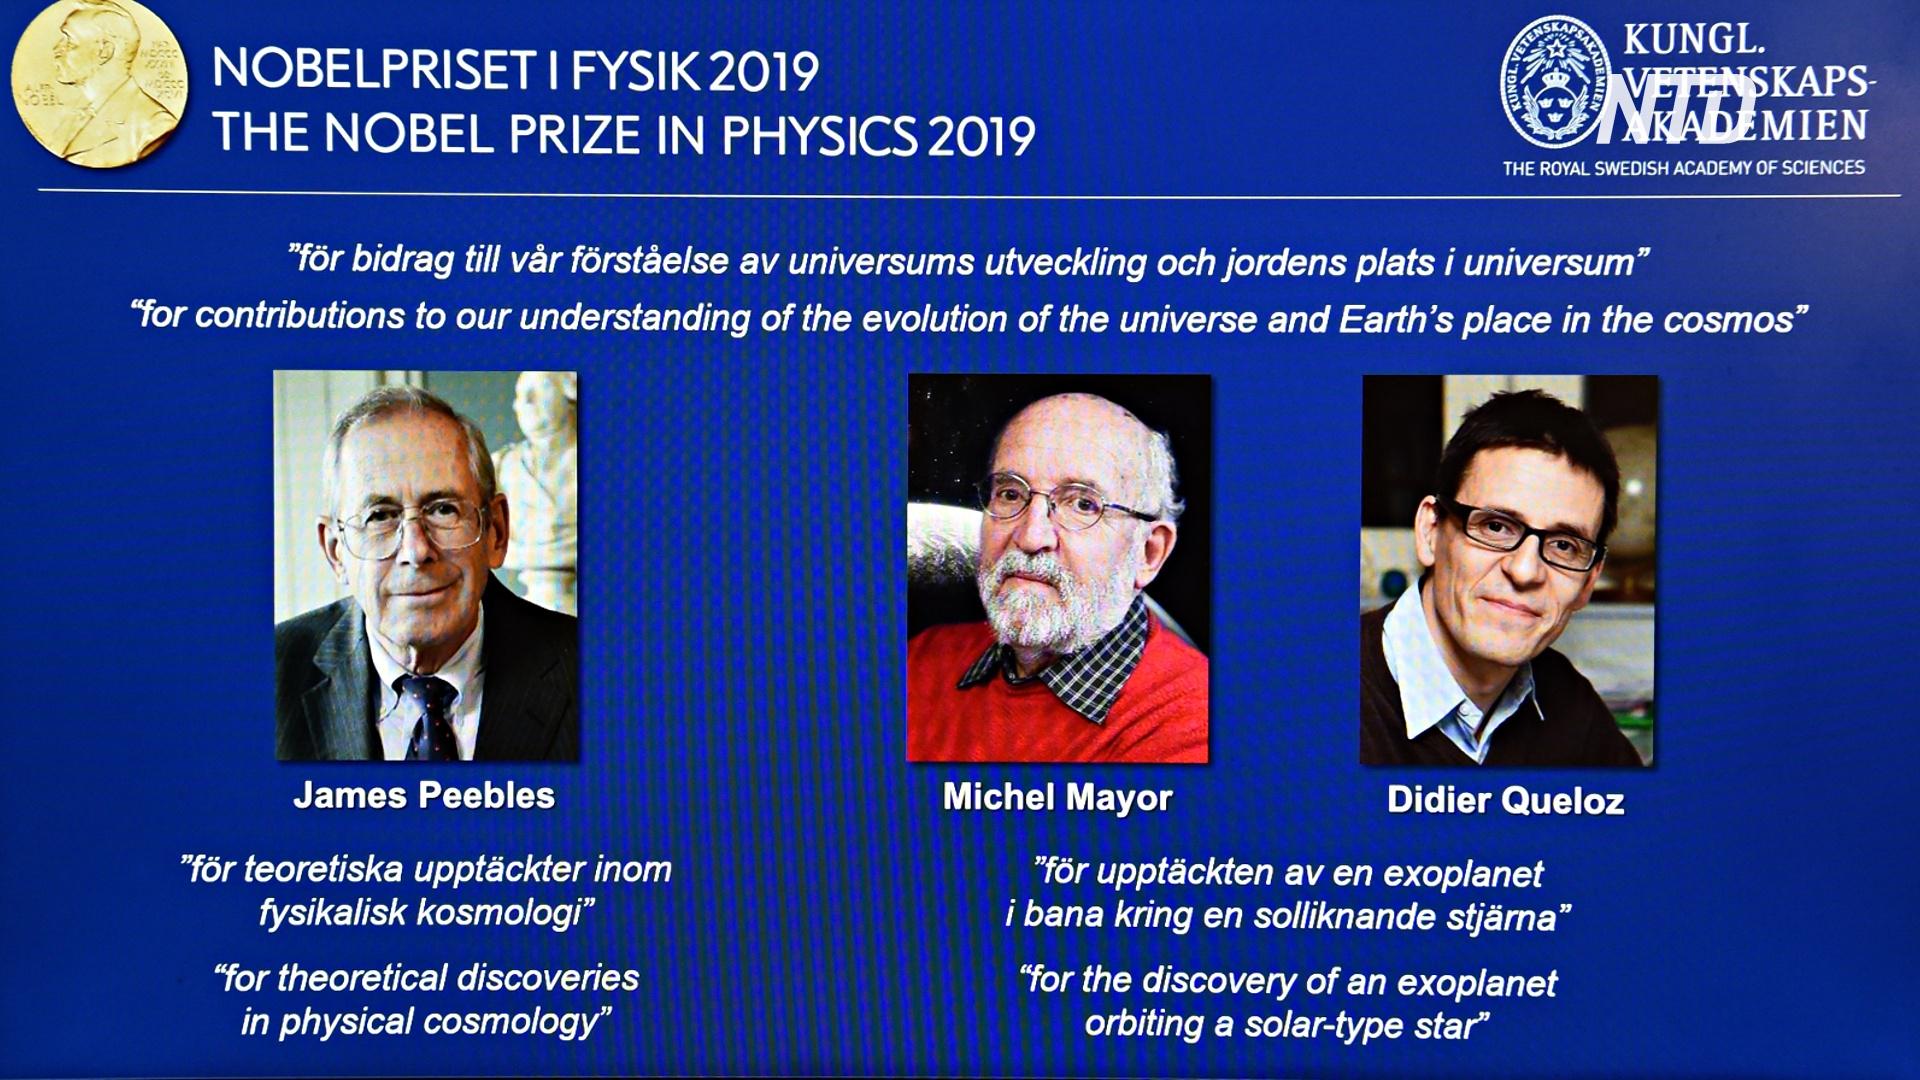 Нобелевскую премию по физике вручат за открытия в астрономии